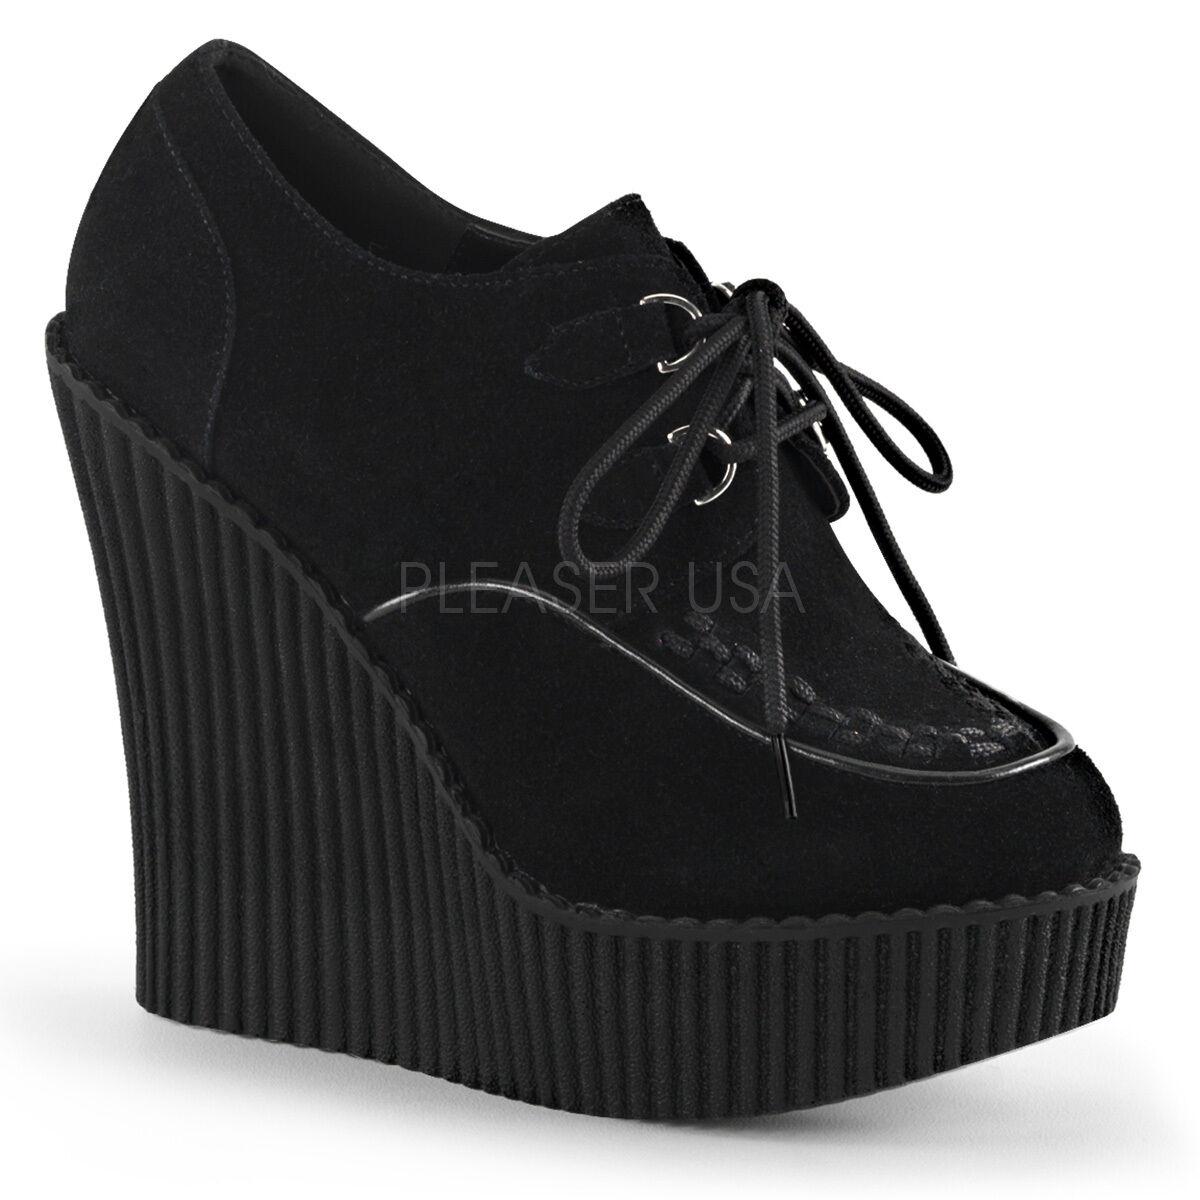 Demonia Creeper 302 Ladies Black Wedge Platform Vegan Suede shoes